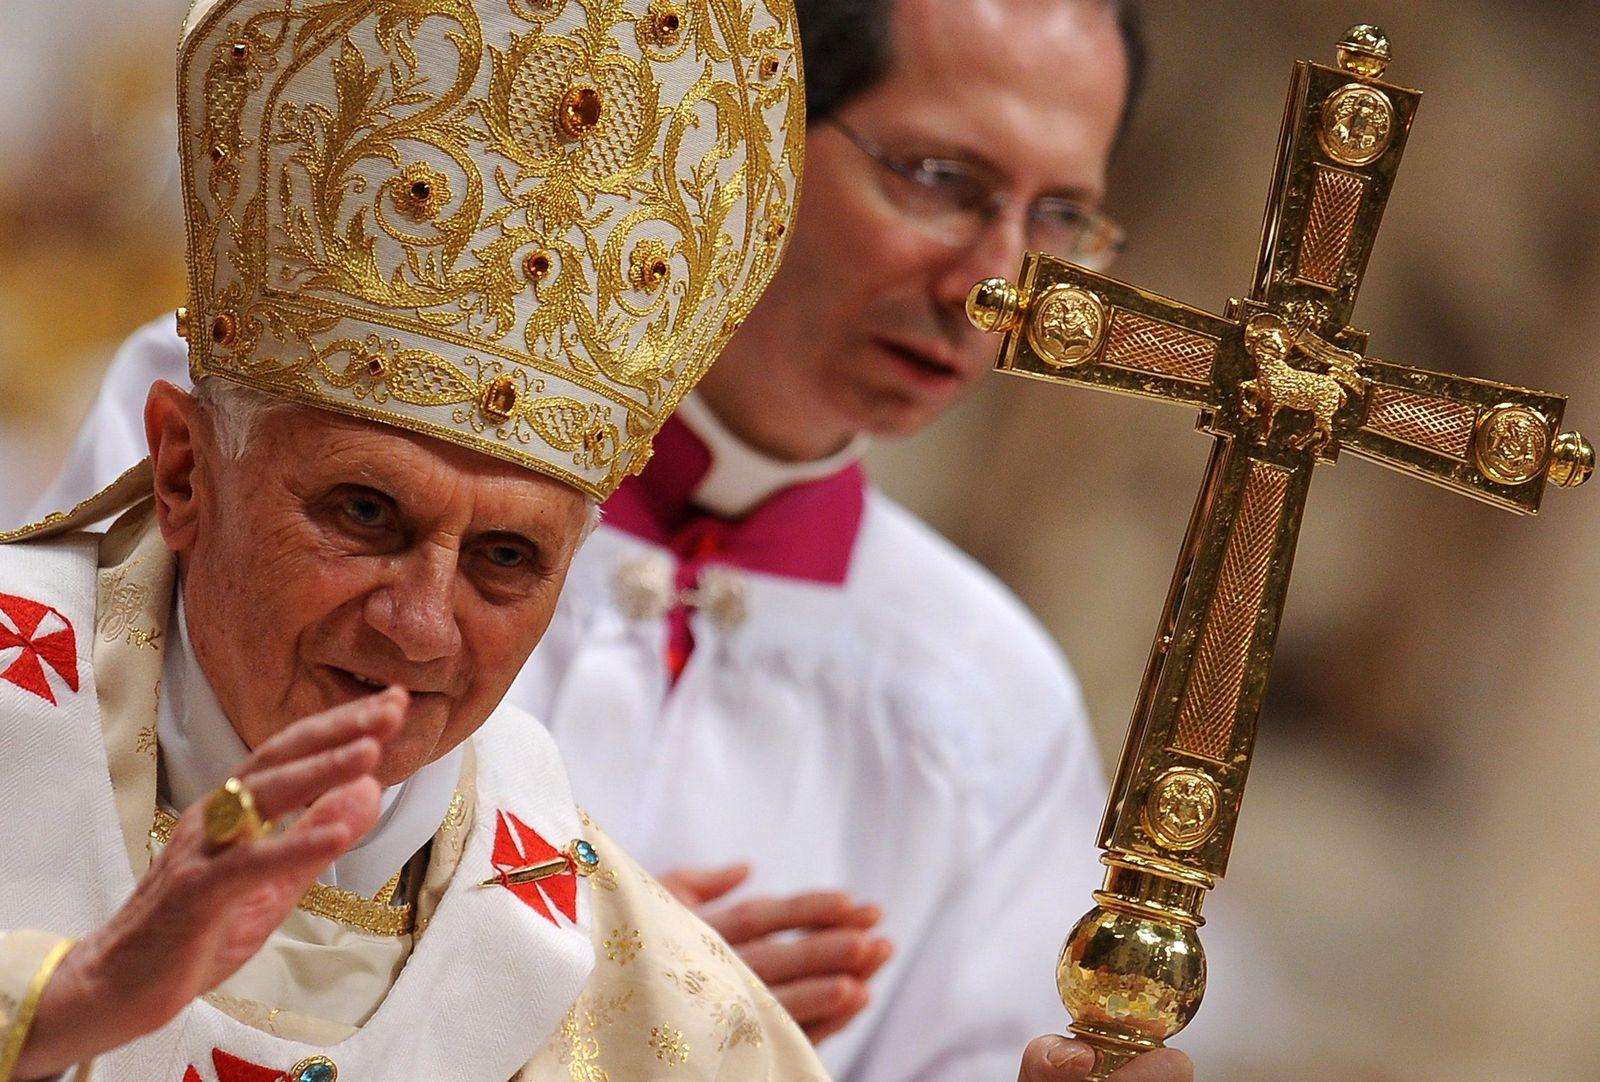 Papst Weihnachten